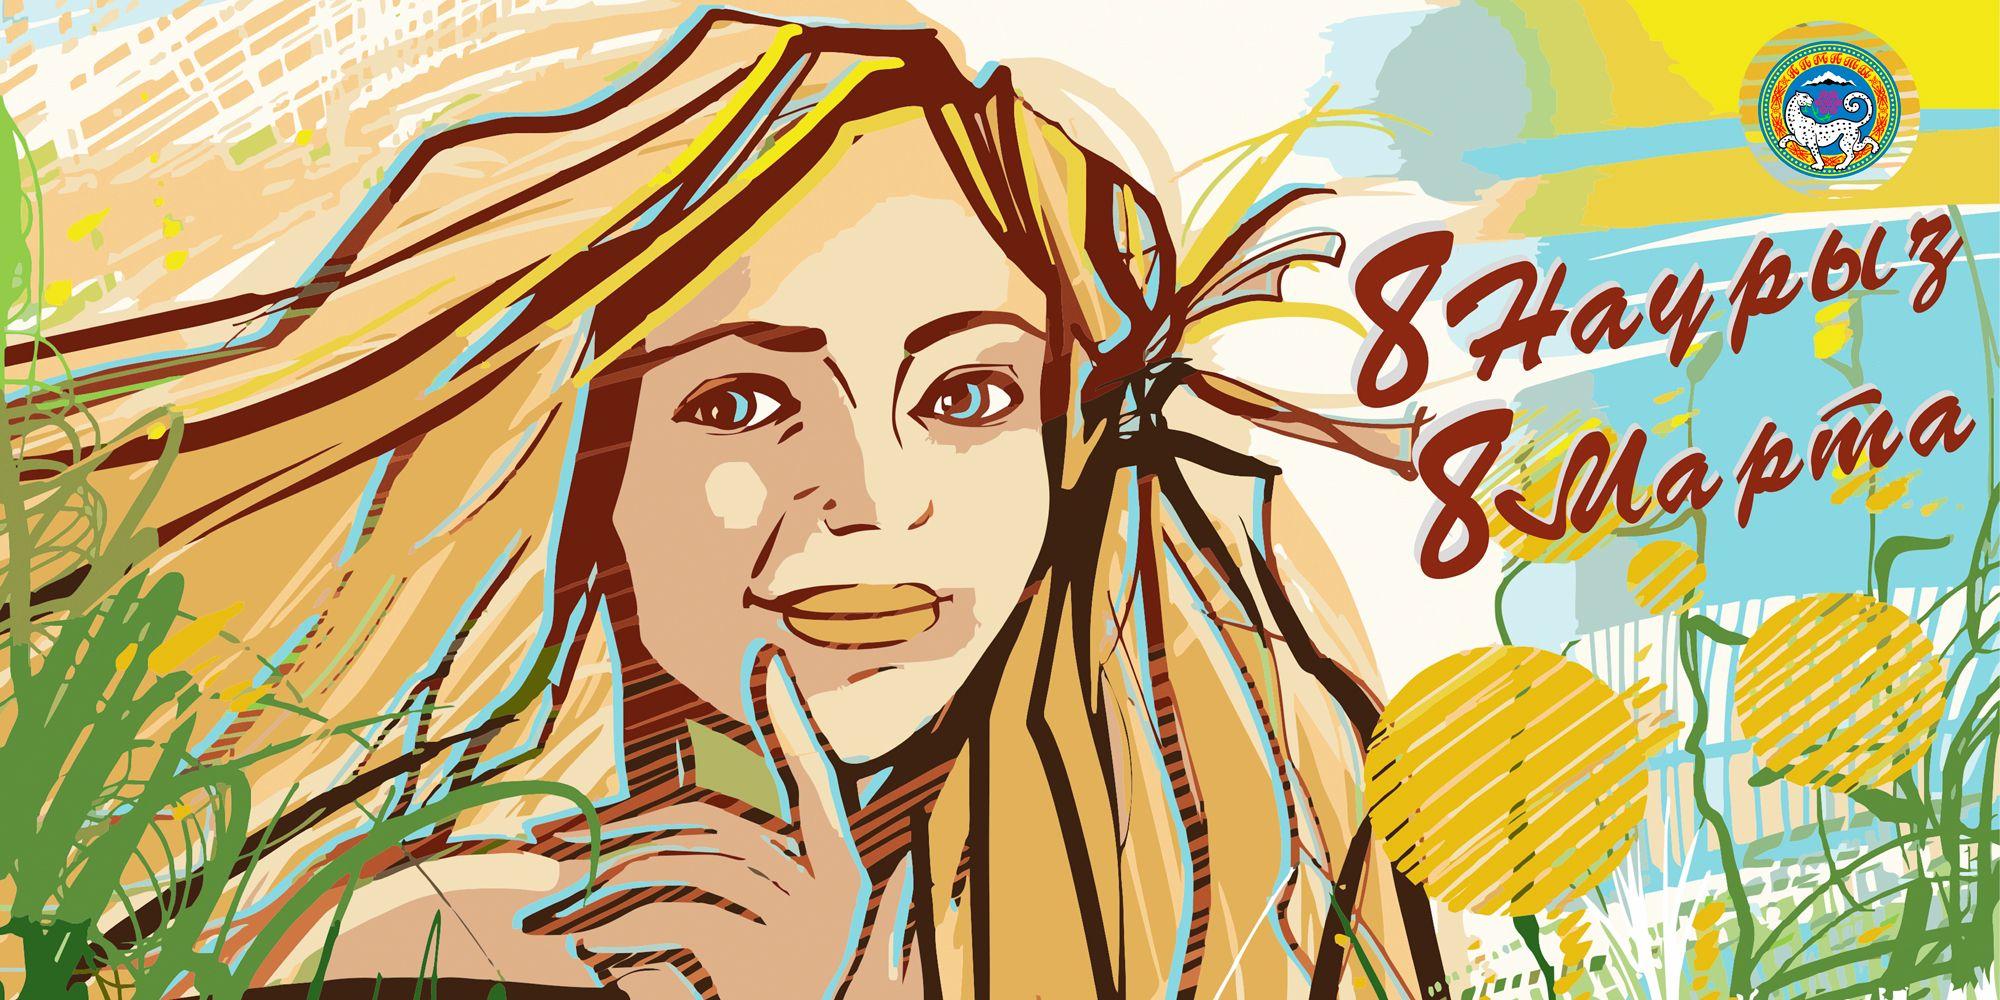 Баннер к празднику 8 марта - дизайнер unuhih3392nk